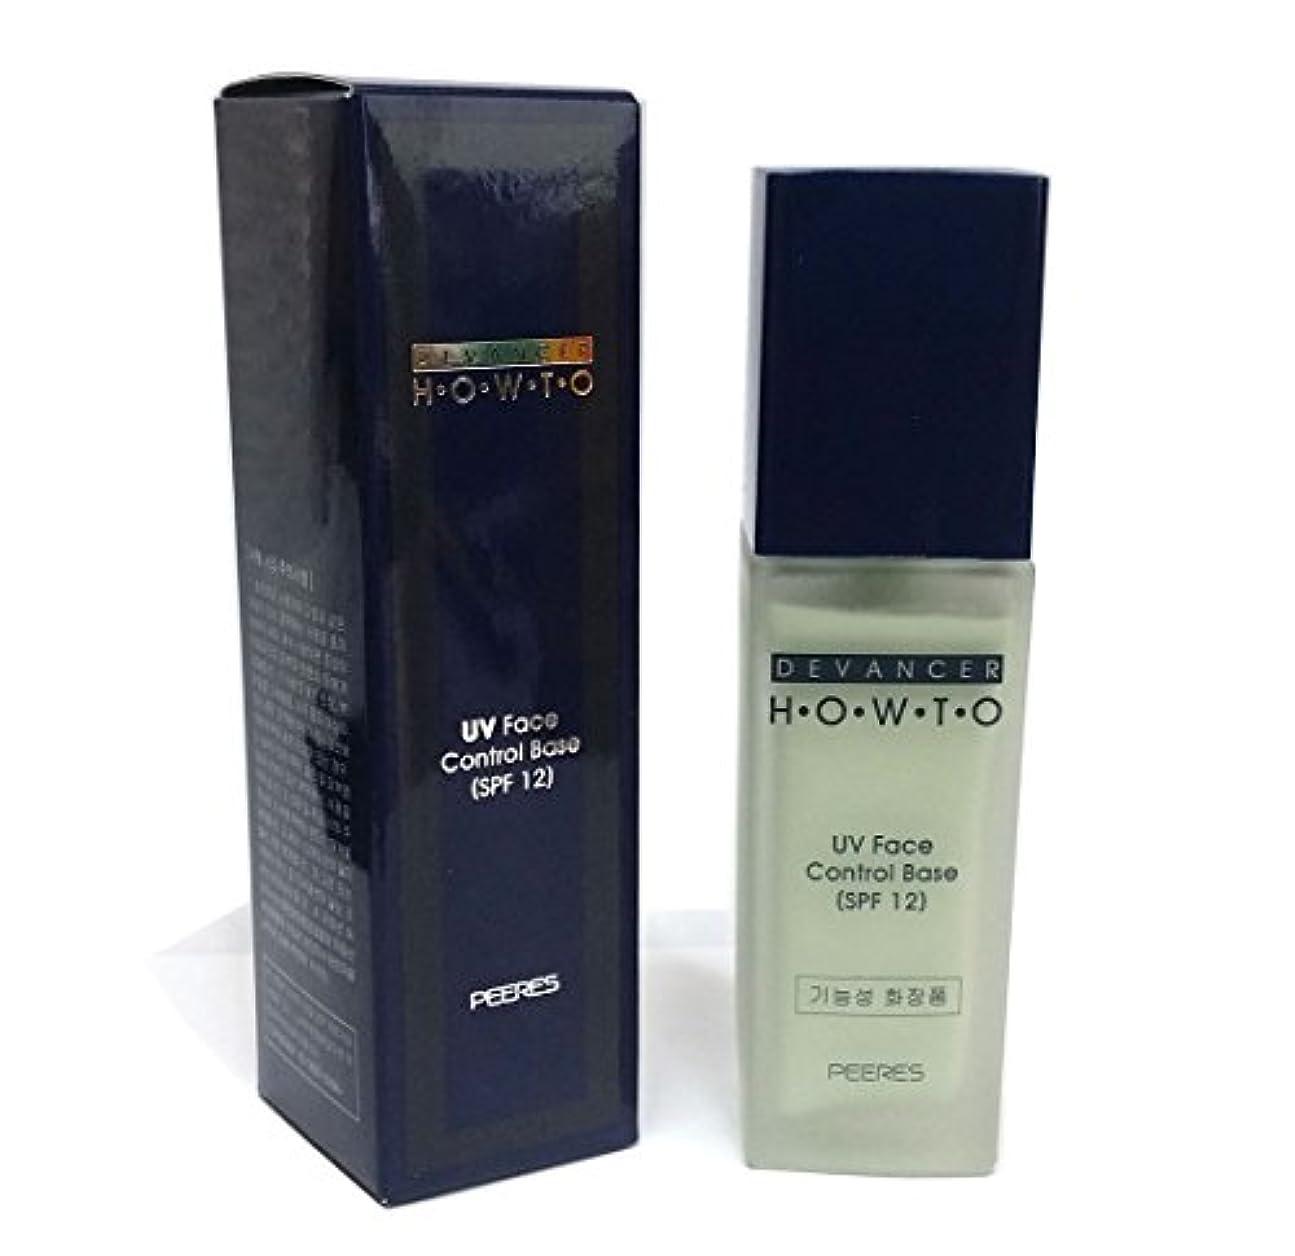 昇るハッチ読む[Devancer] Peeres UVフェイスコントロールベース40g(SPF12)No.50グリーン / Peeres UV face Control Base 40g(SPF12) No.50 green / メイクアップベース / Makeup Base / 韓国化粧品 / Korean Cosmetics [並行輸入品]